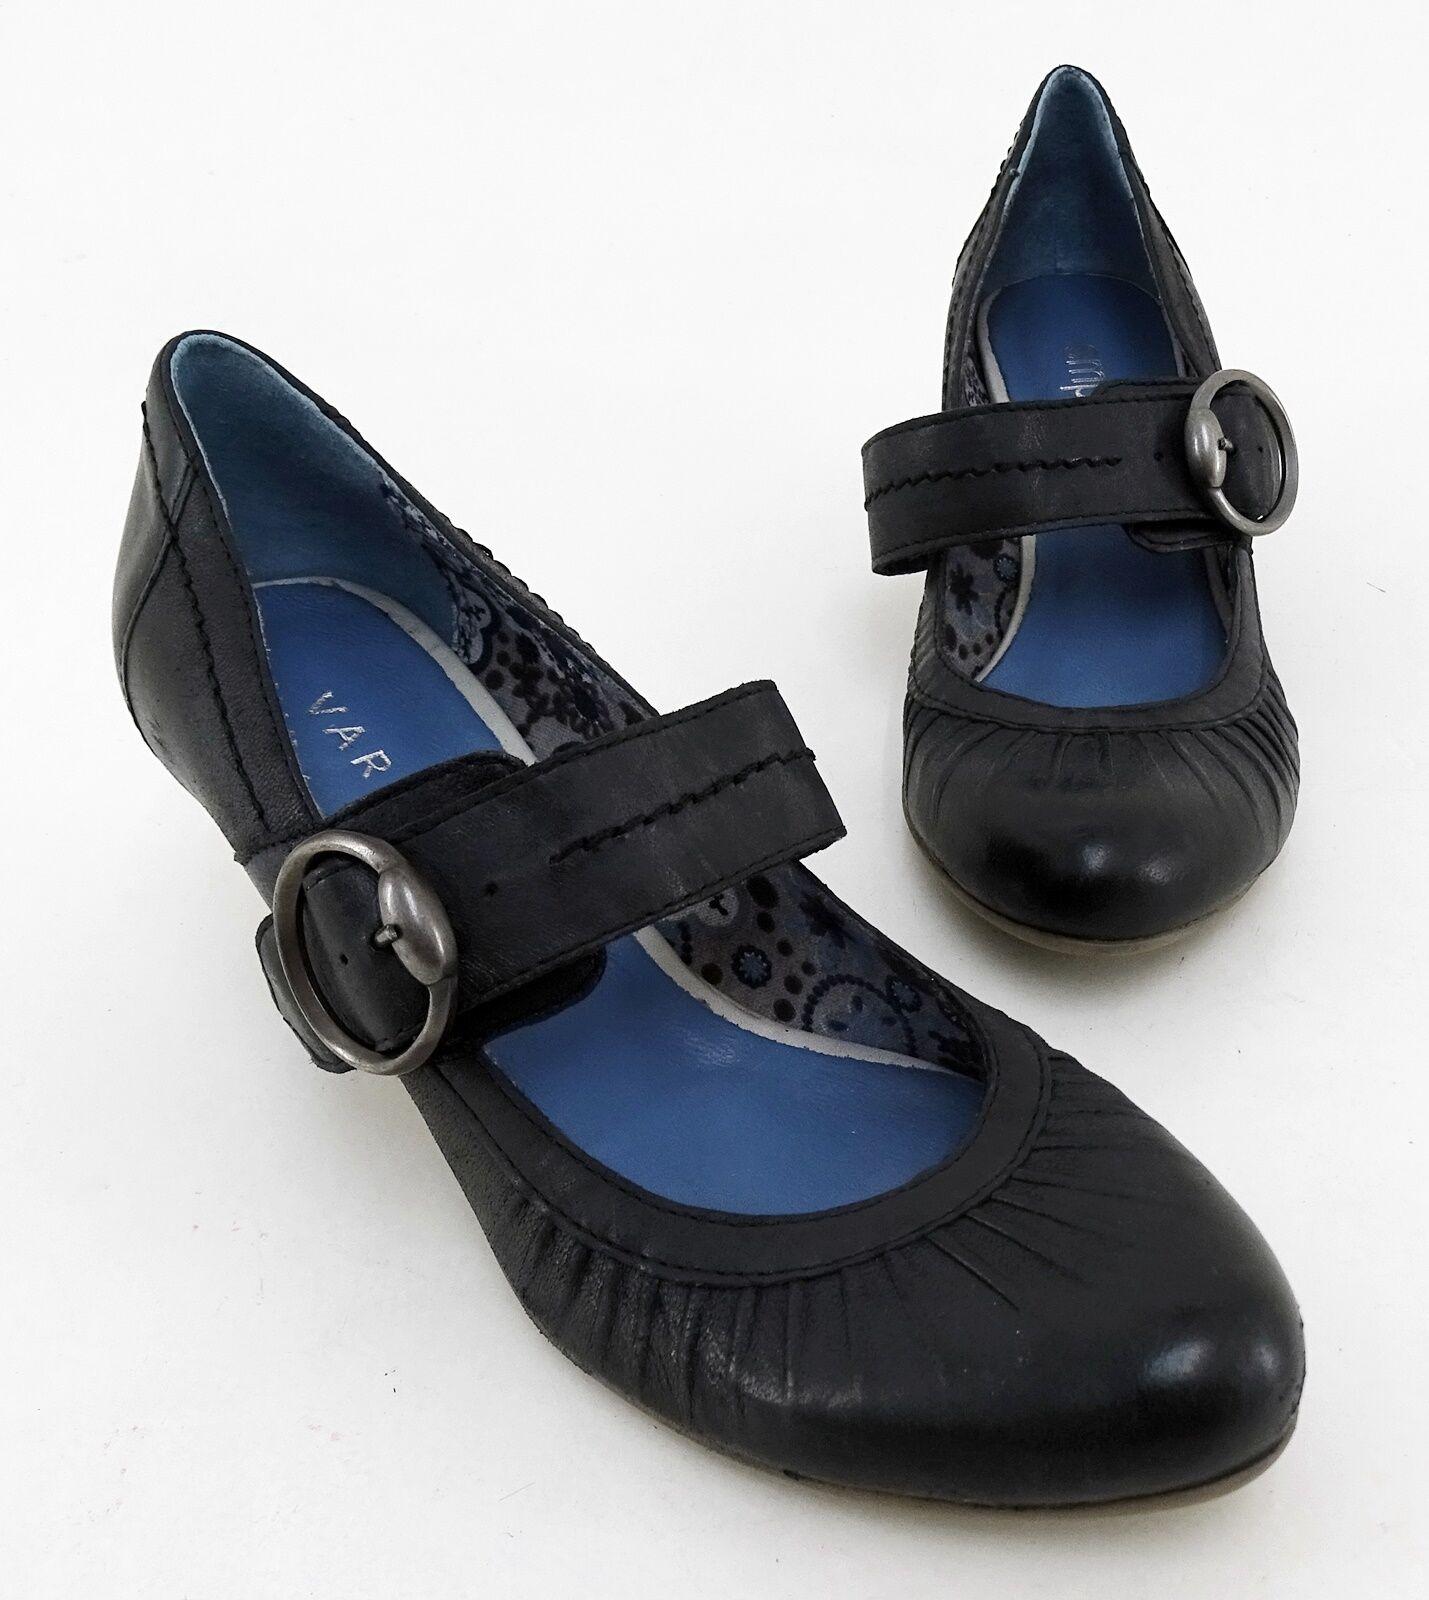 Escarpins VARESE empodium Barrette véritable cuir noir taille 39